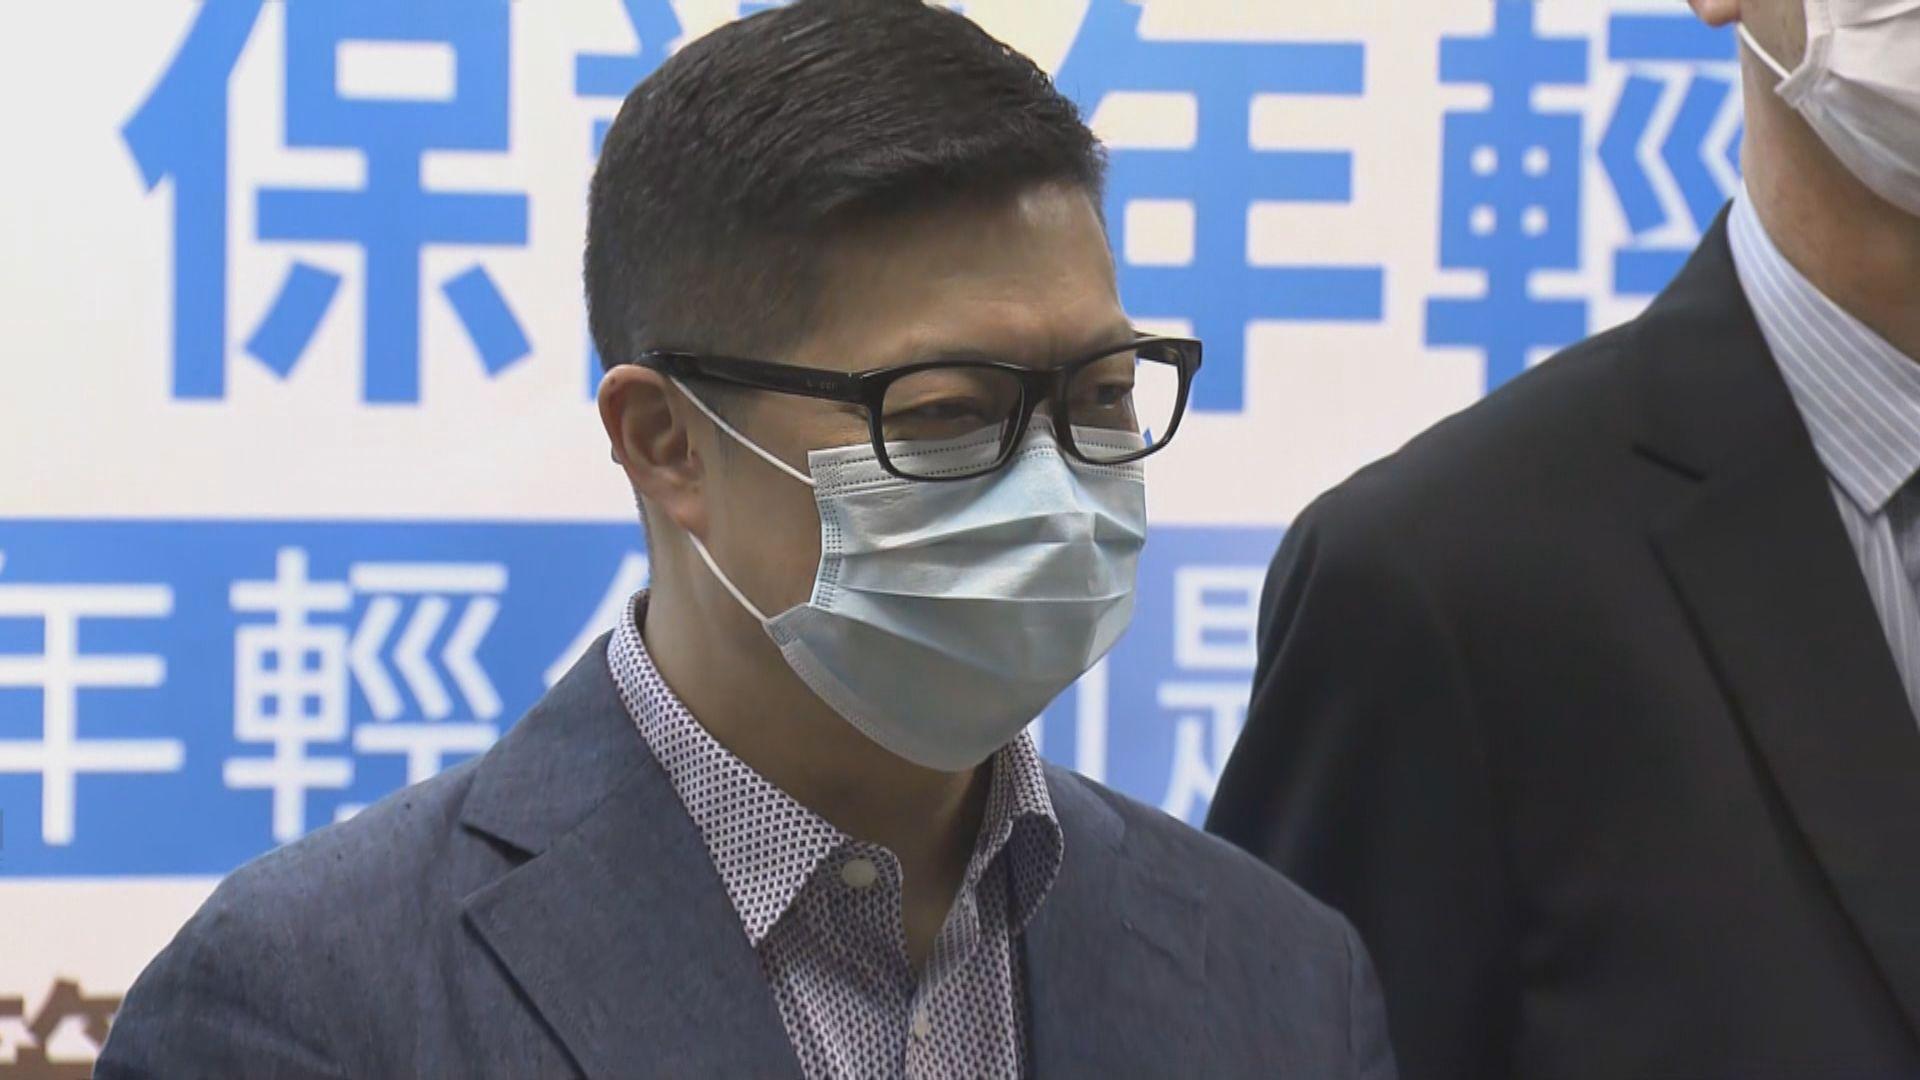 鄧炳強:反修例被捕年輕人被利用是受害者